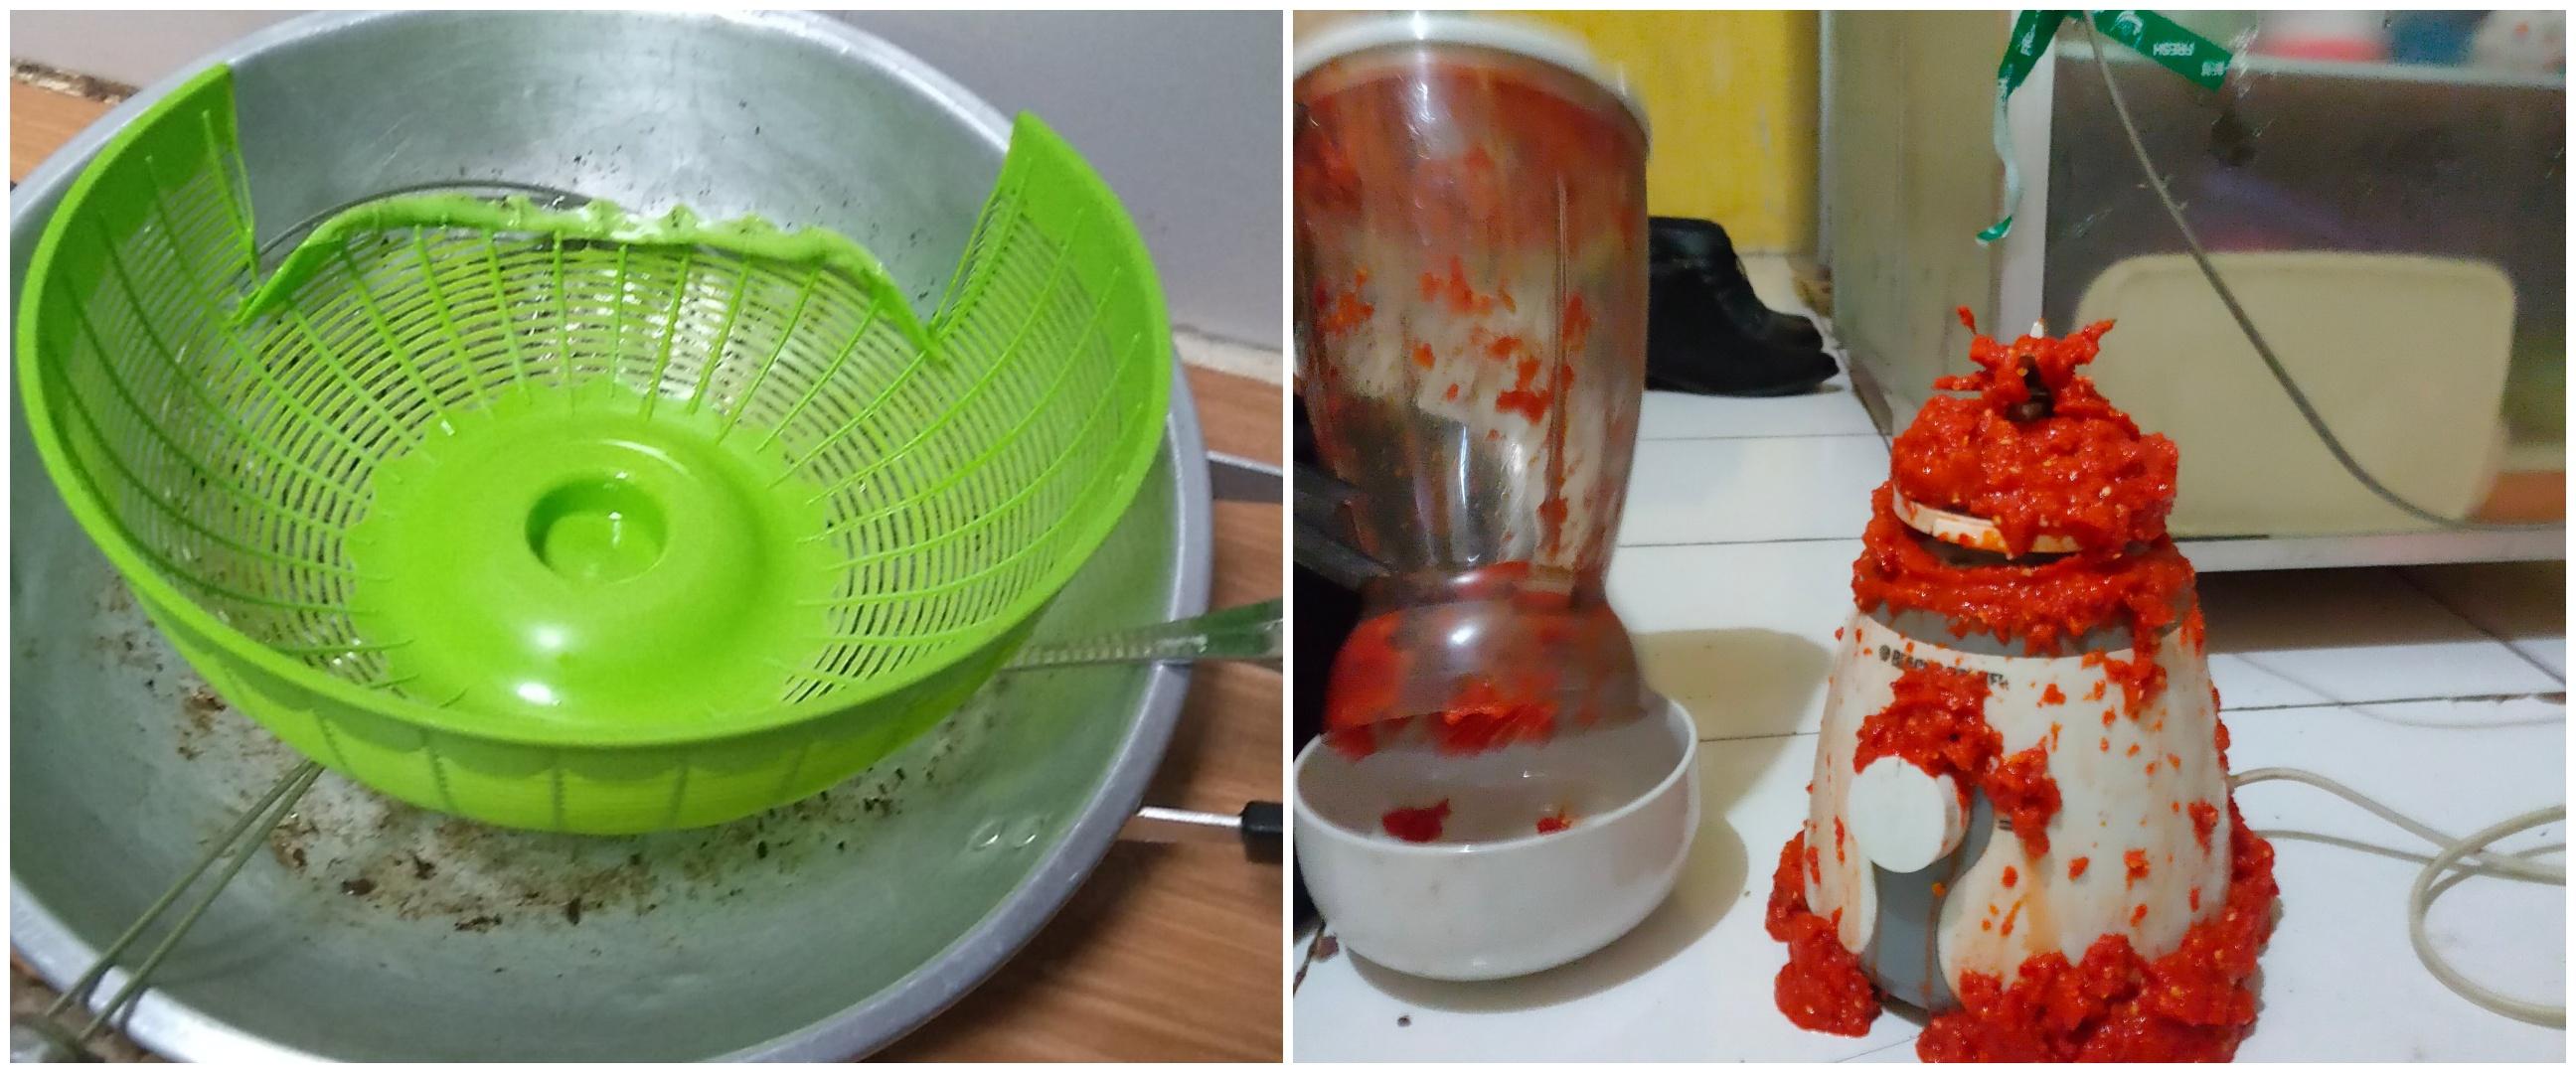 11 Potret apes cewek pas masak, perabot dapur jadi korbannya